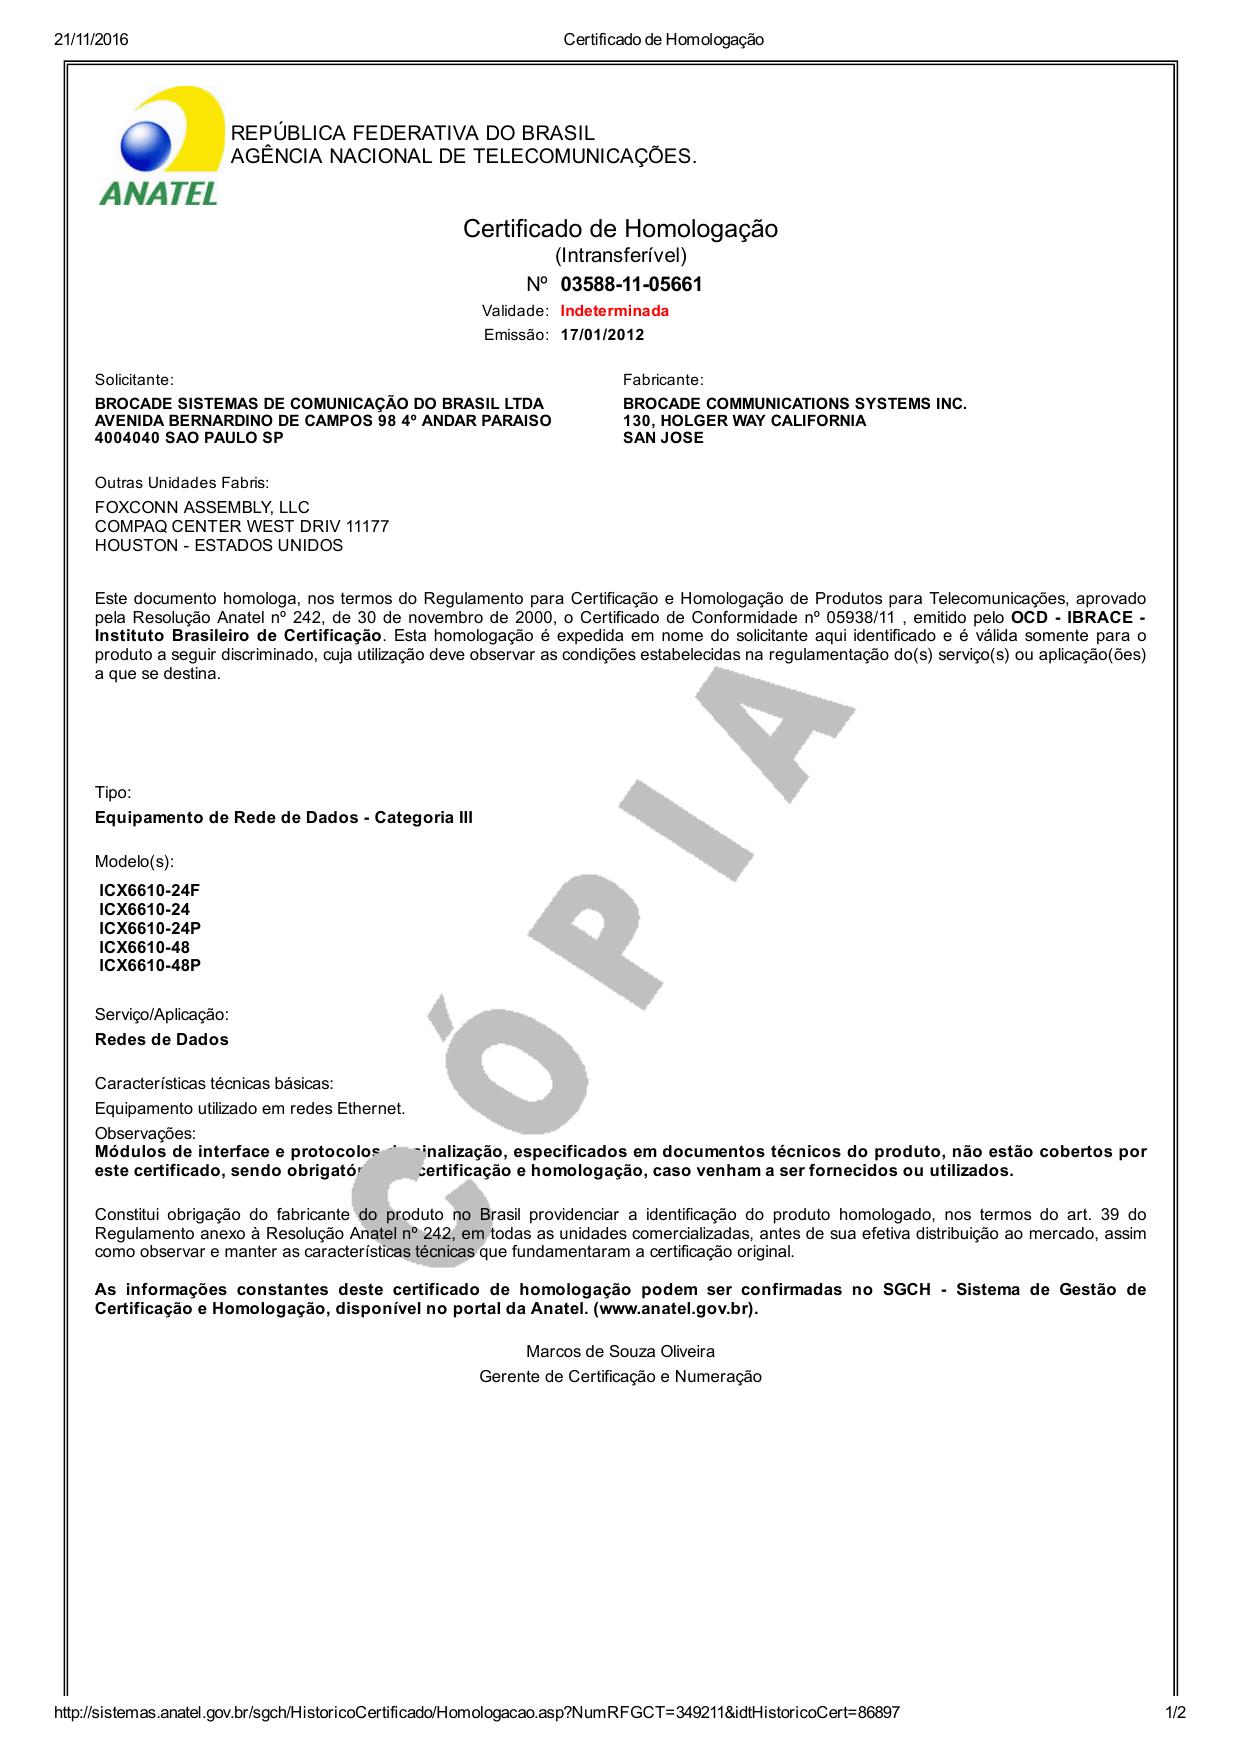 Certificado De Homologação Manualzz Com